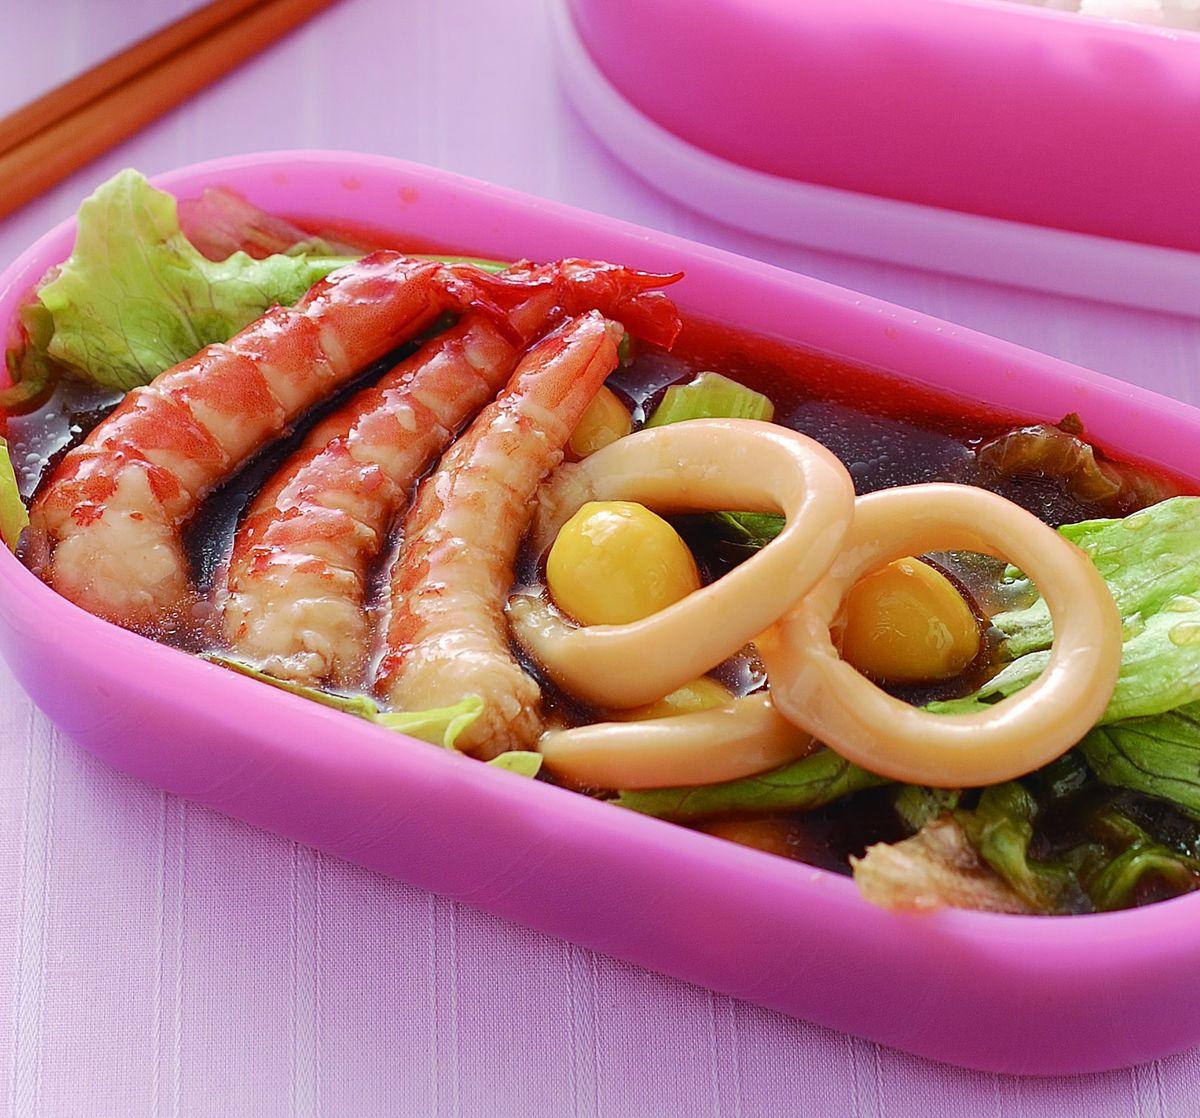 食譜:海鮮蓋飯便當